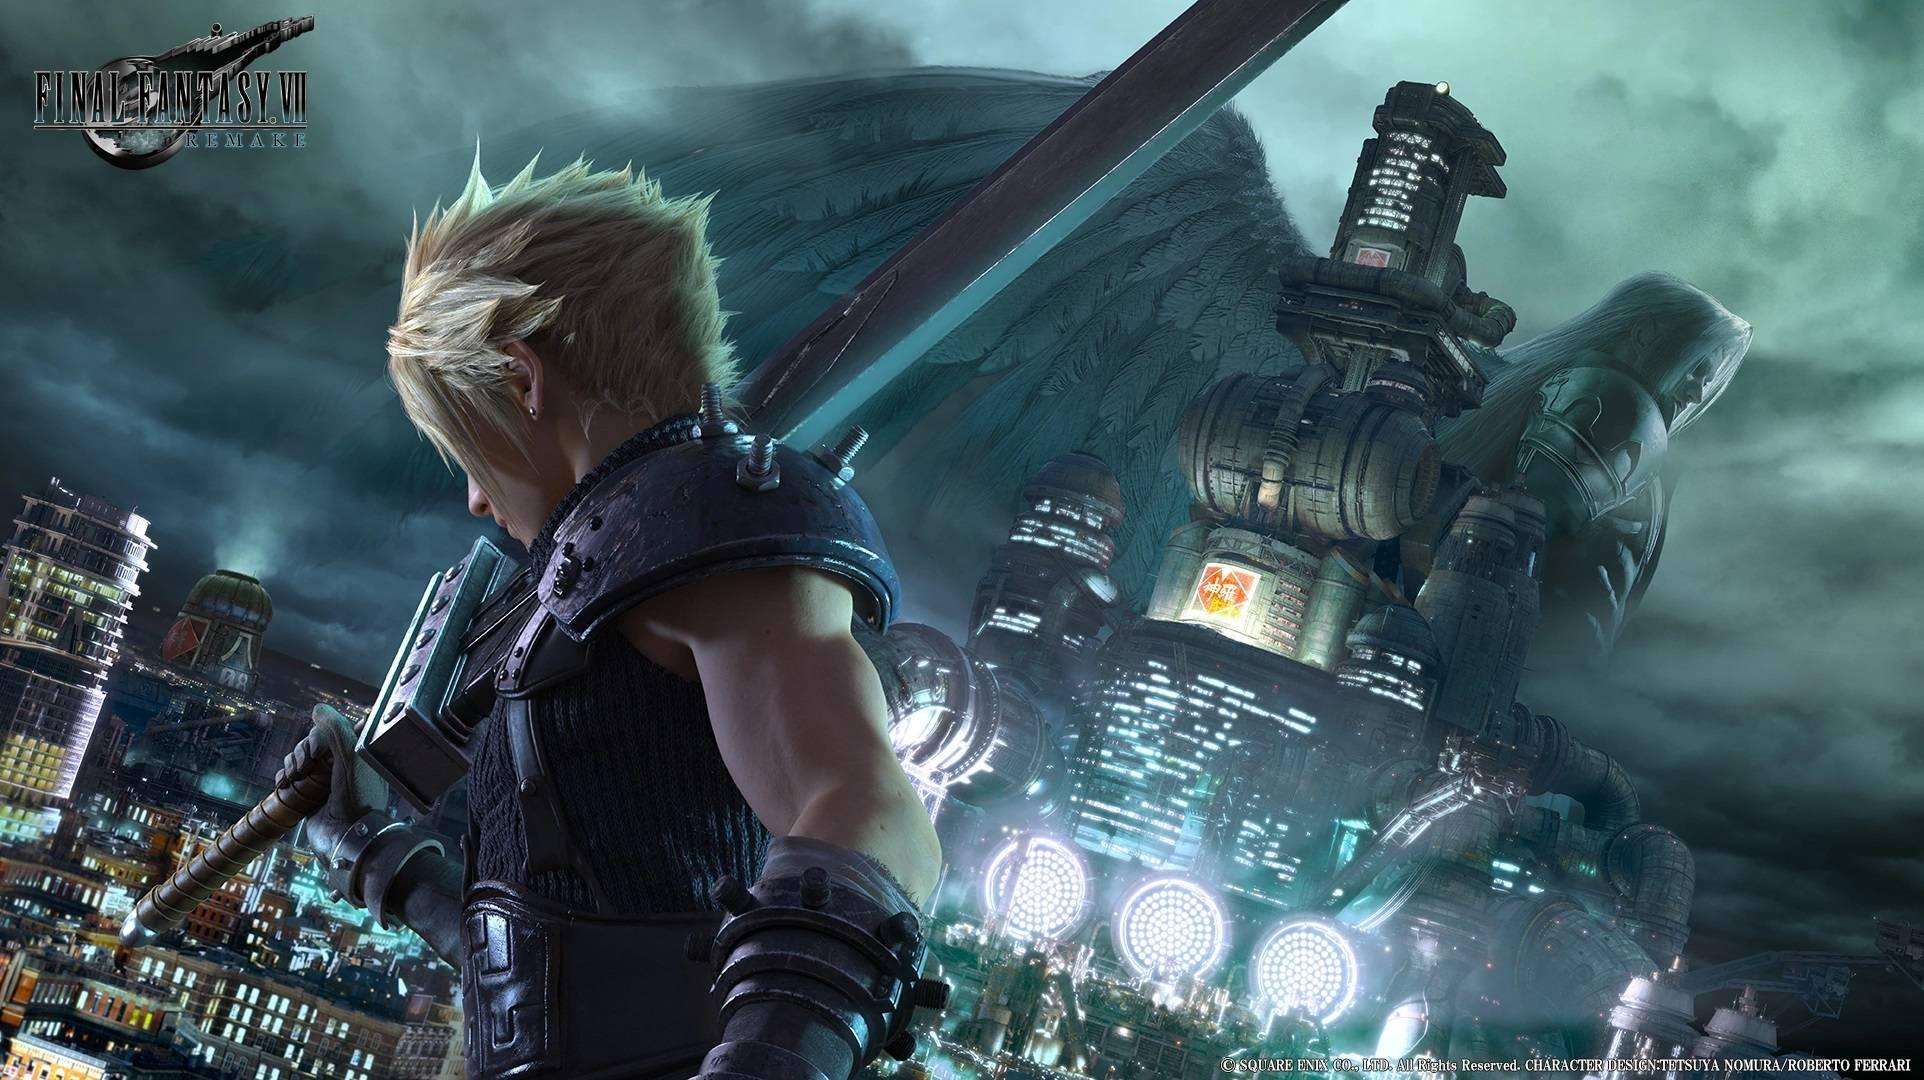 Square Enix reconoce que se apuraron al anunciar Final Fantasy VII